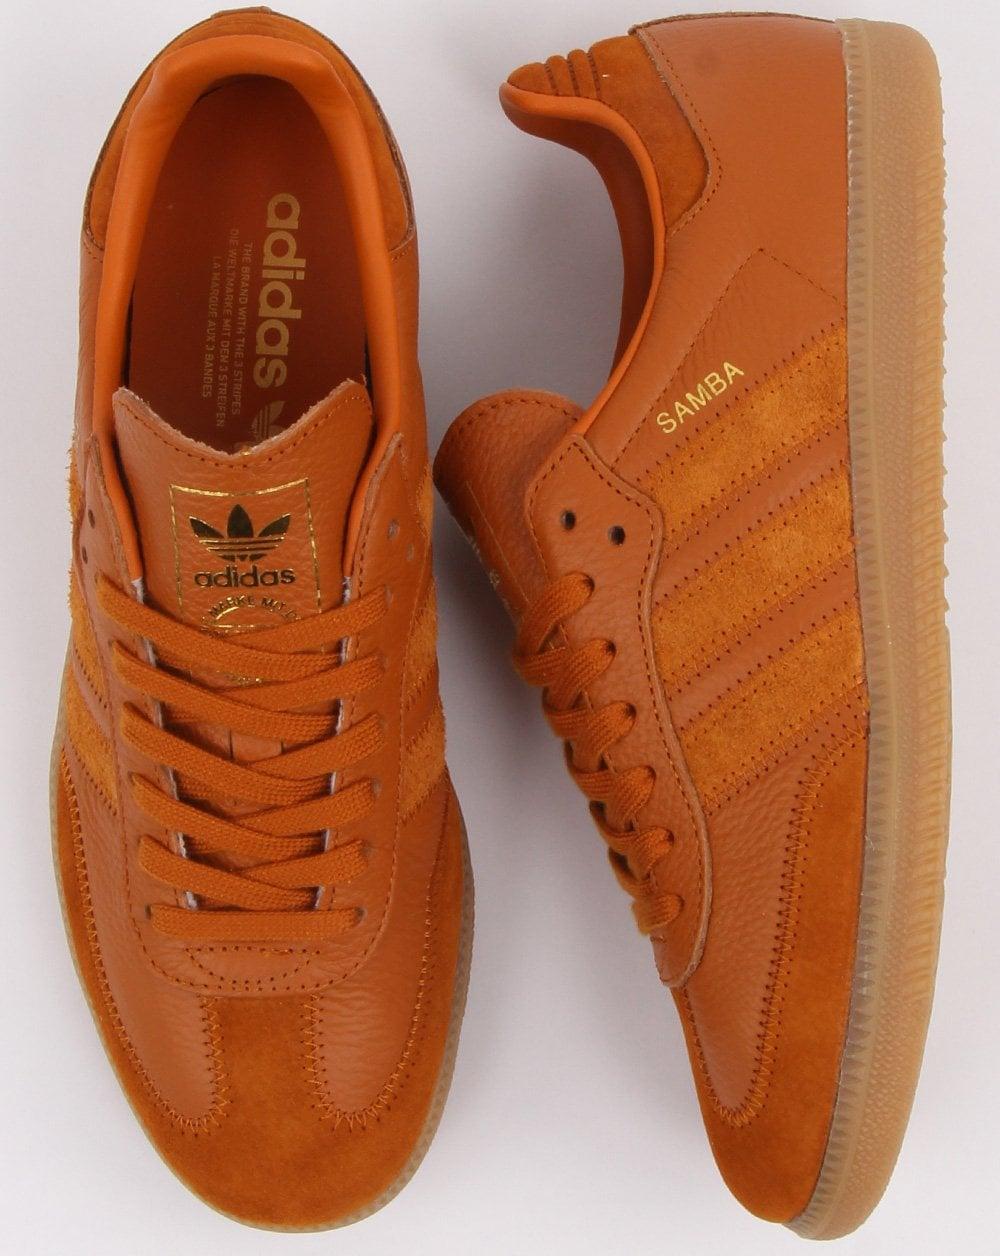 Adidas Samba Og Ft Trainers Burnt Orange